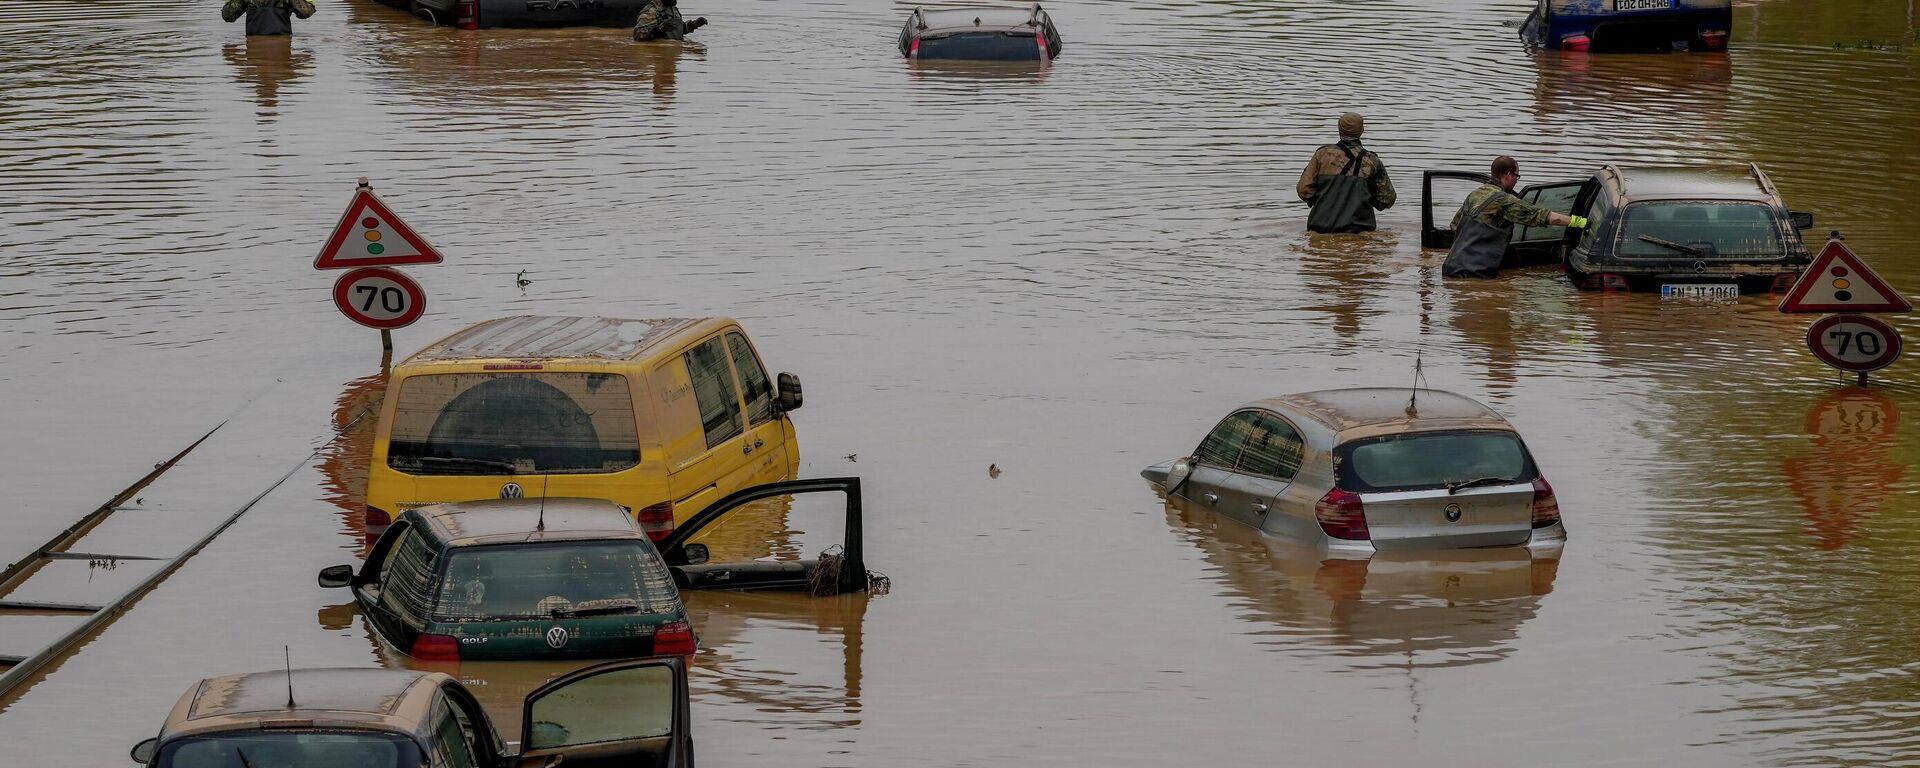 Folgen der Überschwemmung in Erftstadt - SNA, 1920, 17.07.2021